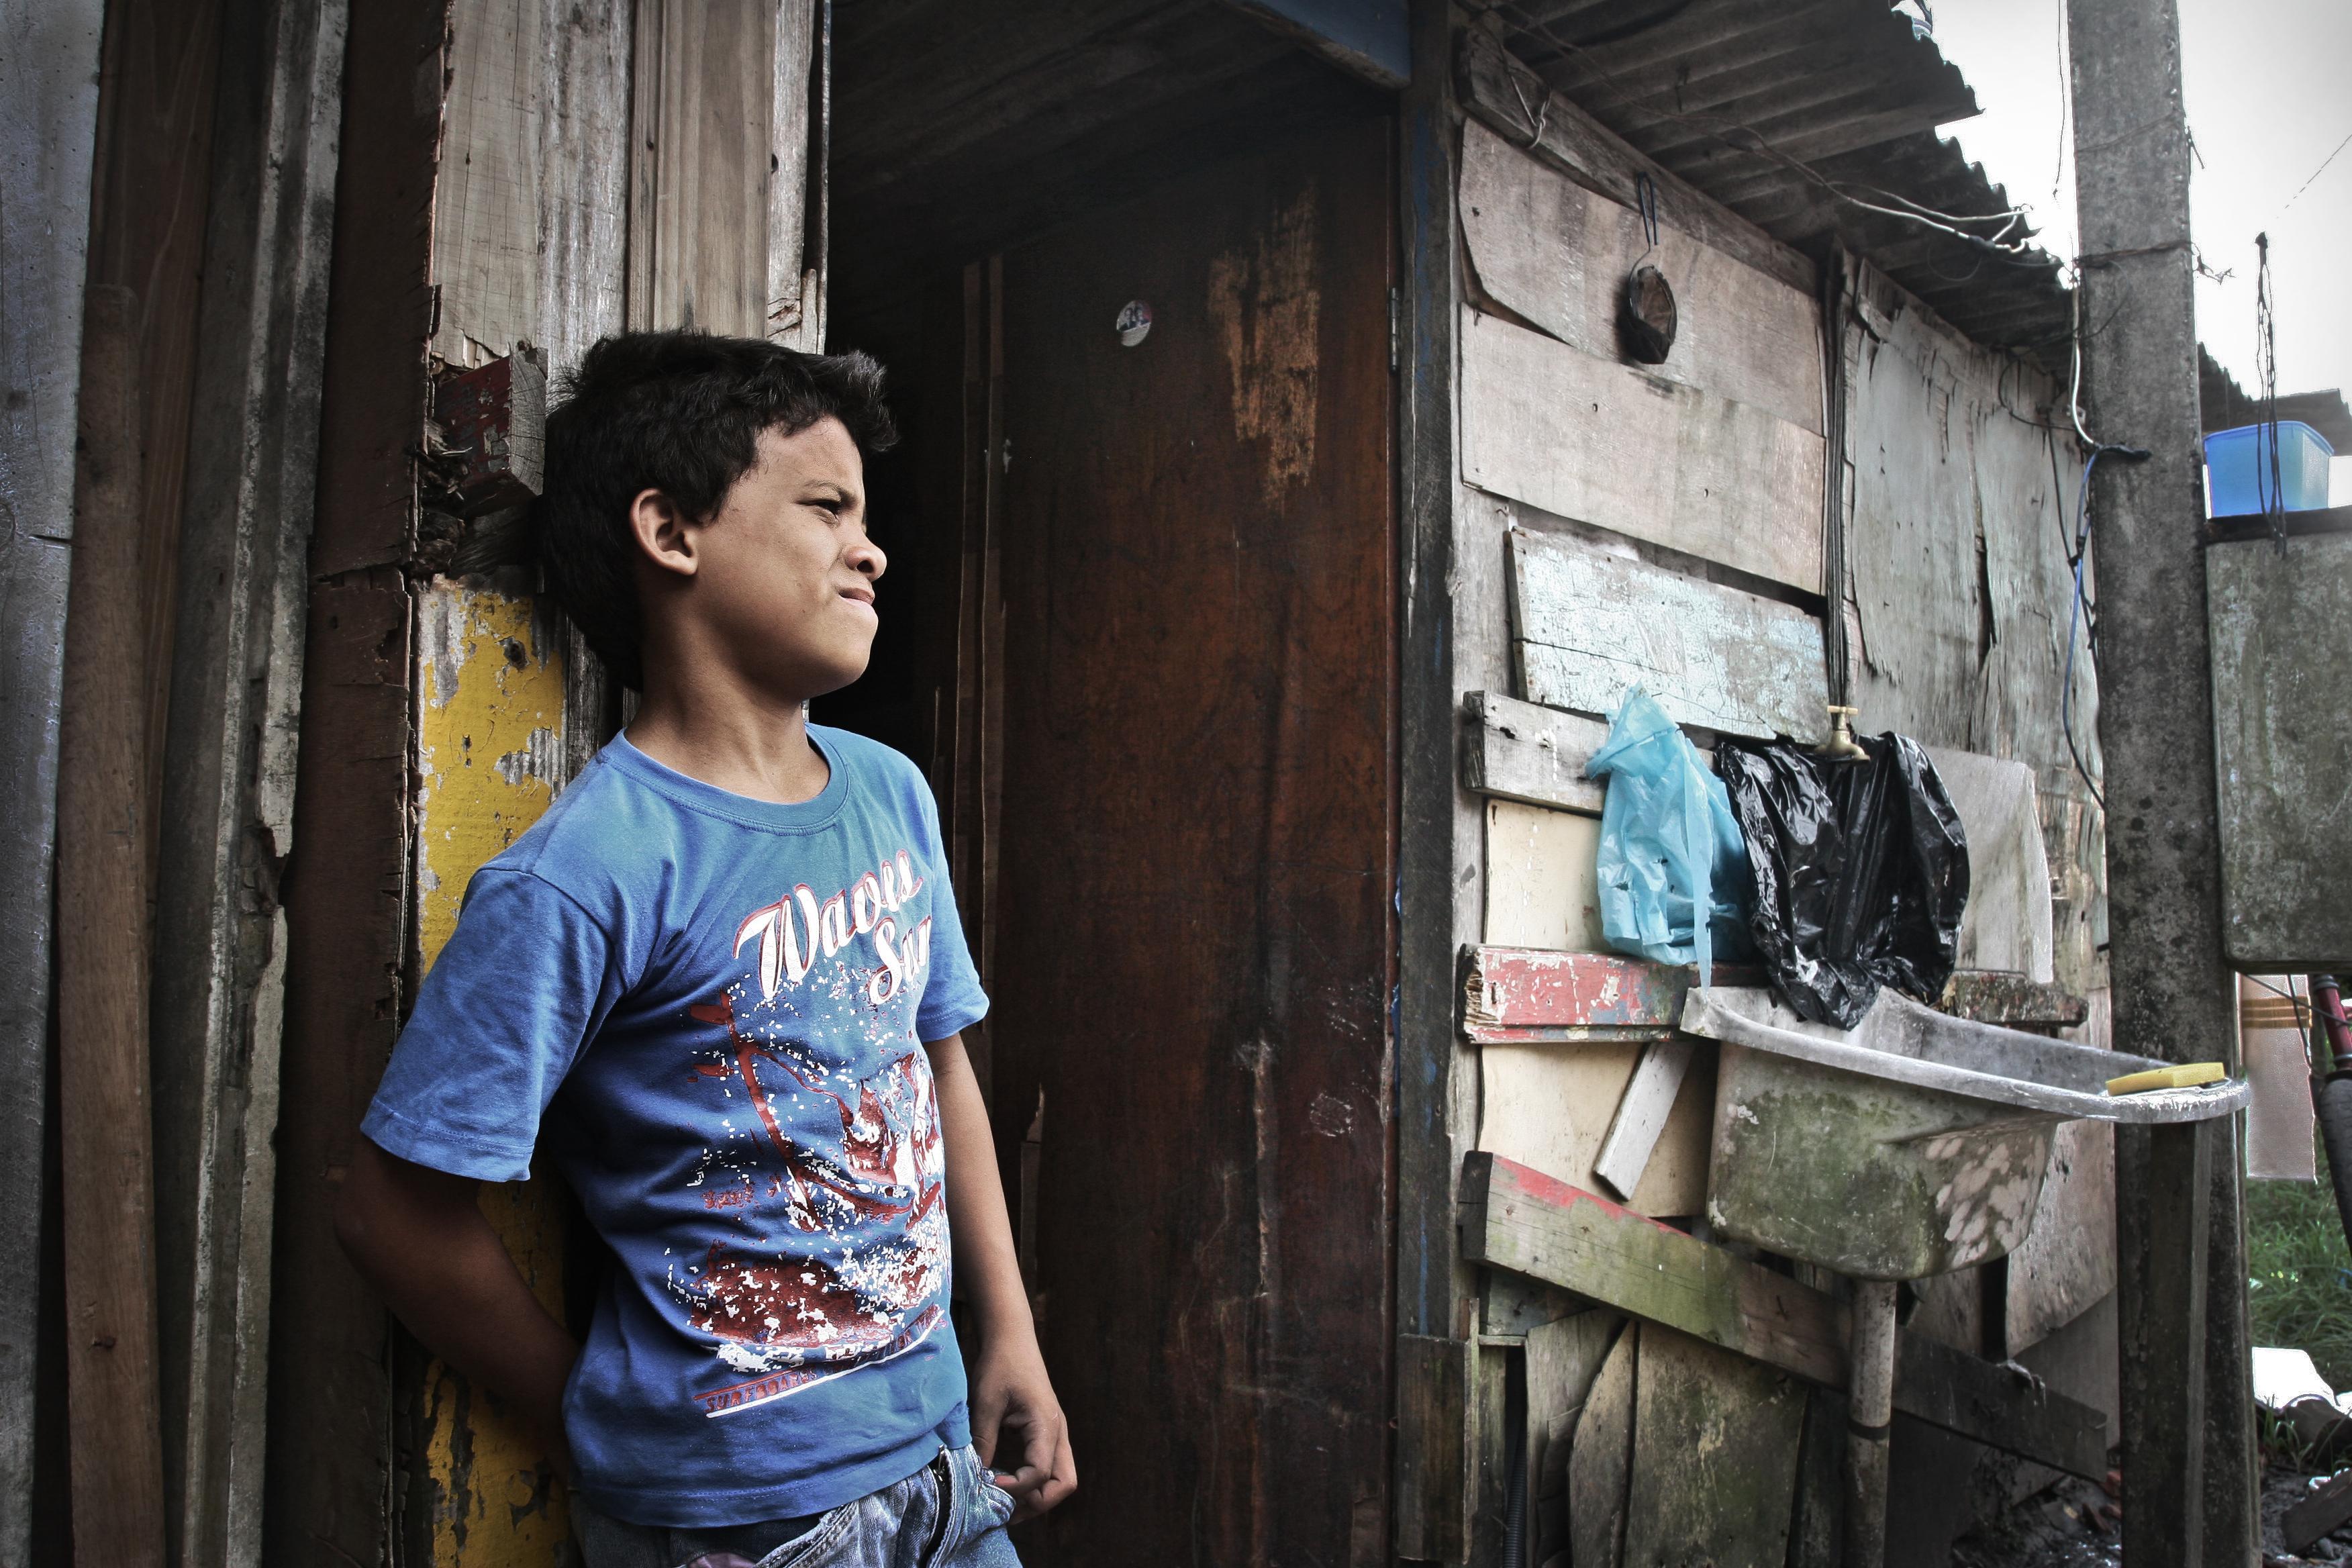 Å vokse opp i favela kan være svært tøft for en ung gutt.